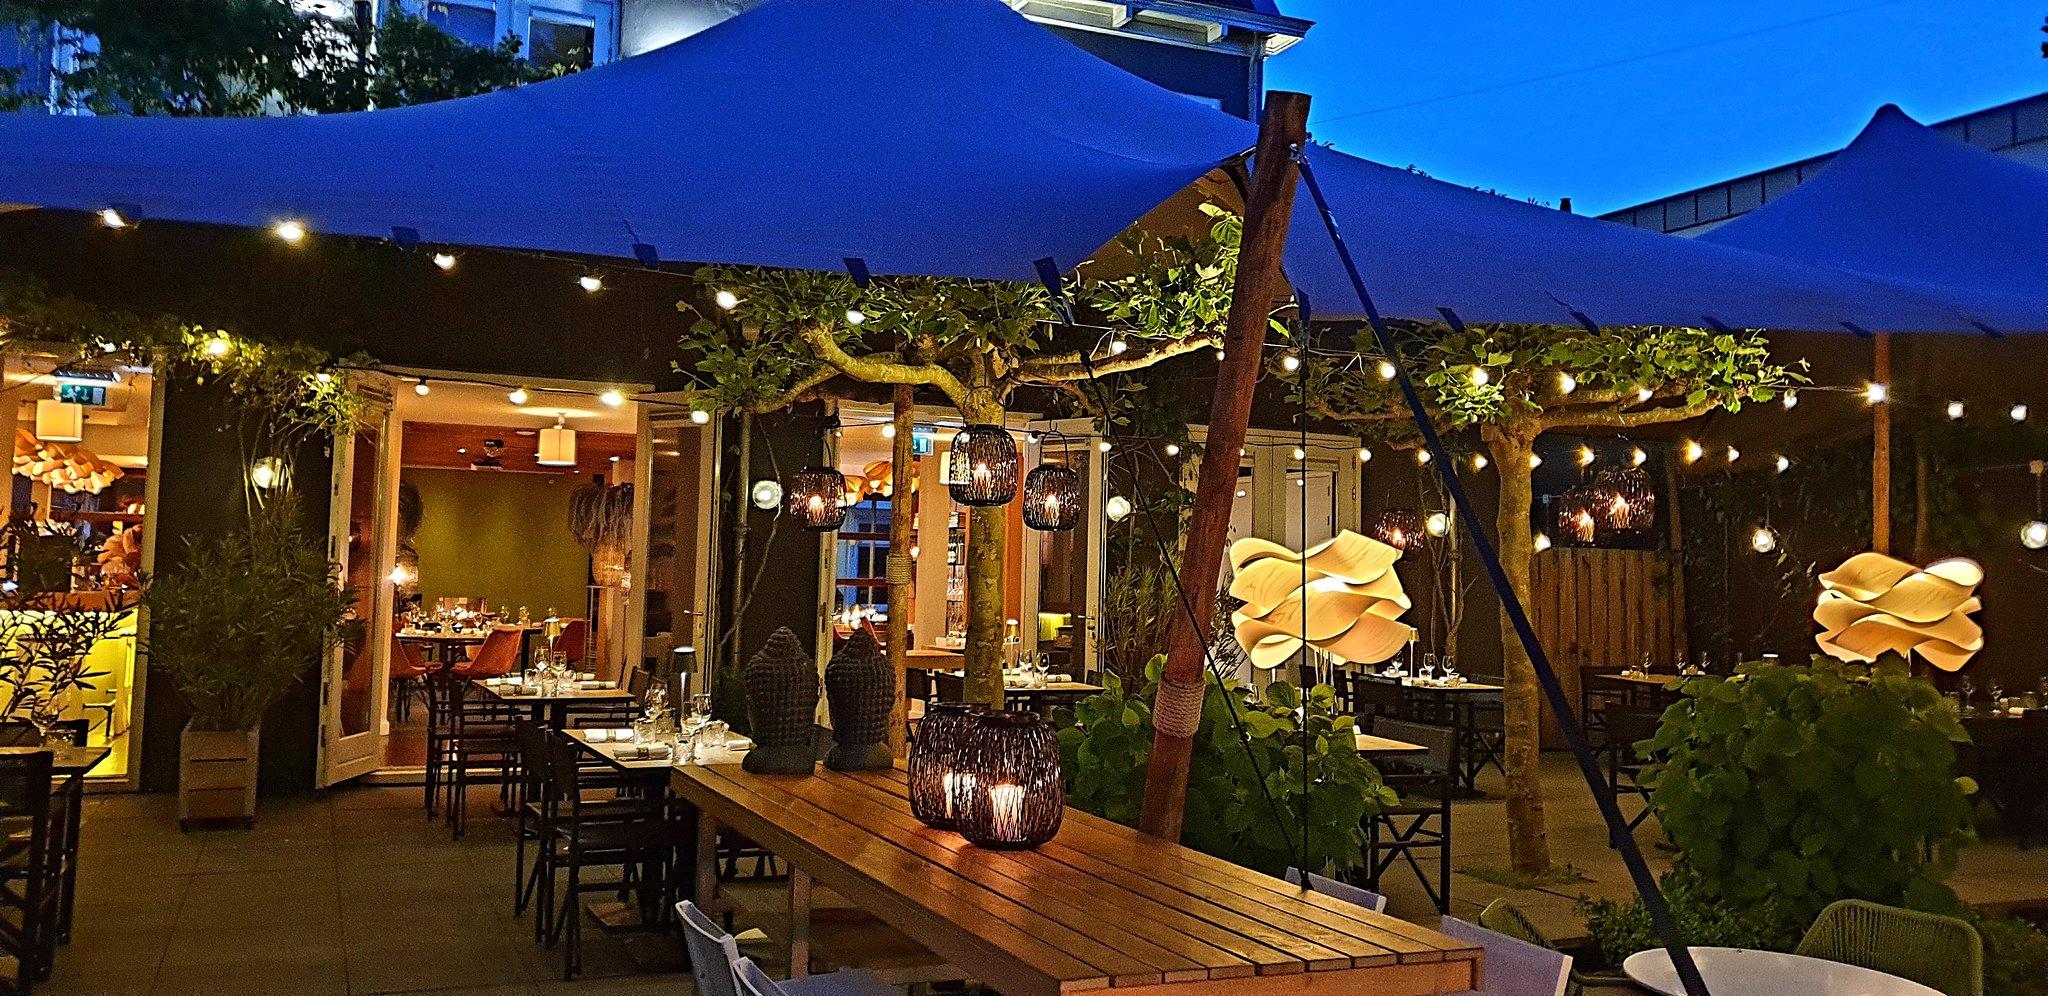 tuin overzicht richting restaurant